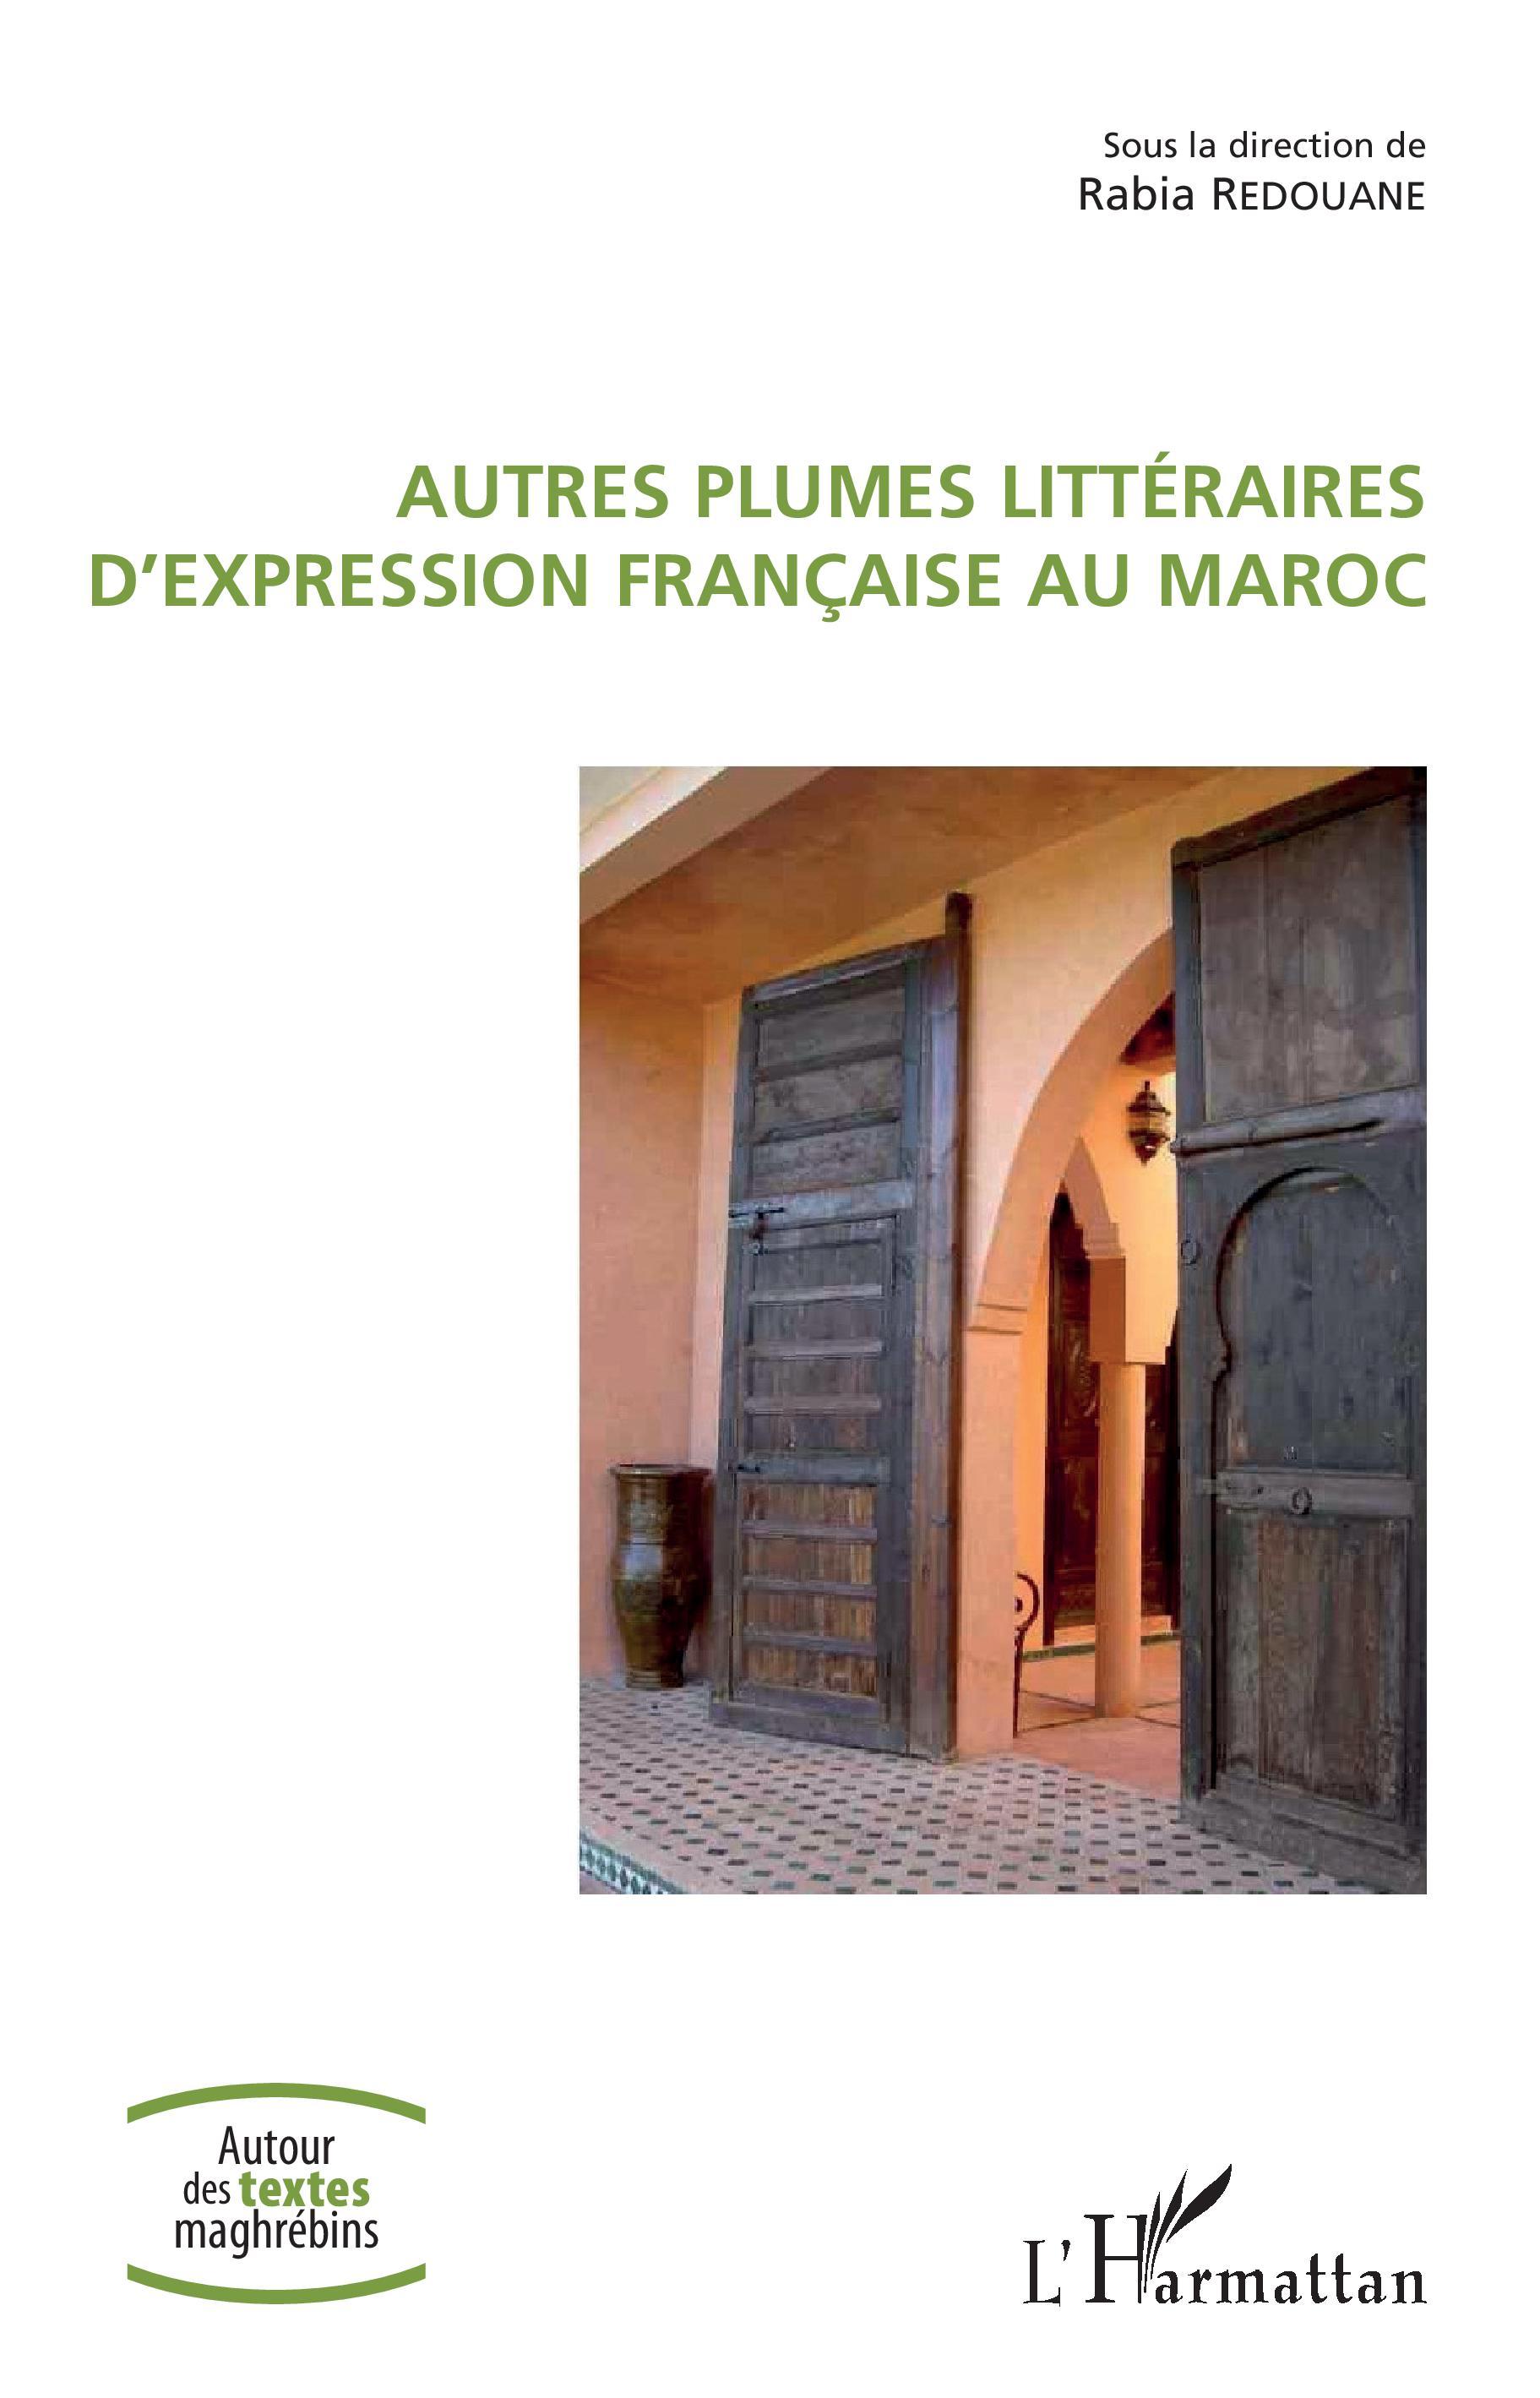 R. Redouane (dir.), Autres plumes littéraires d'expression française au Maroc